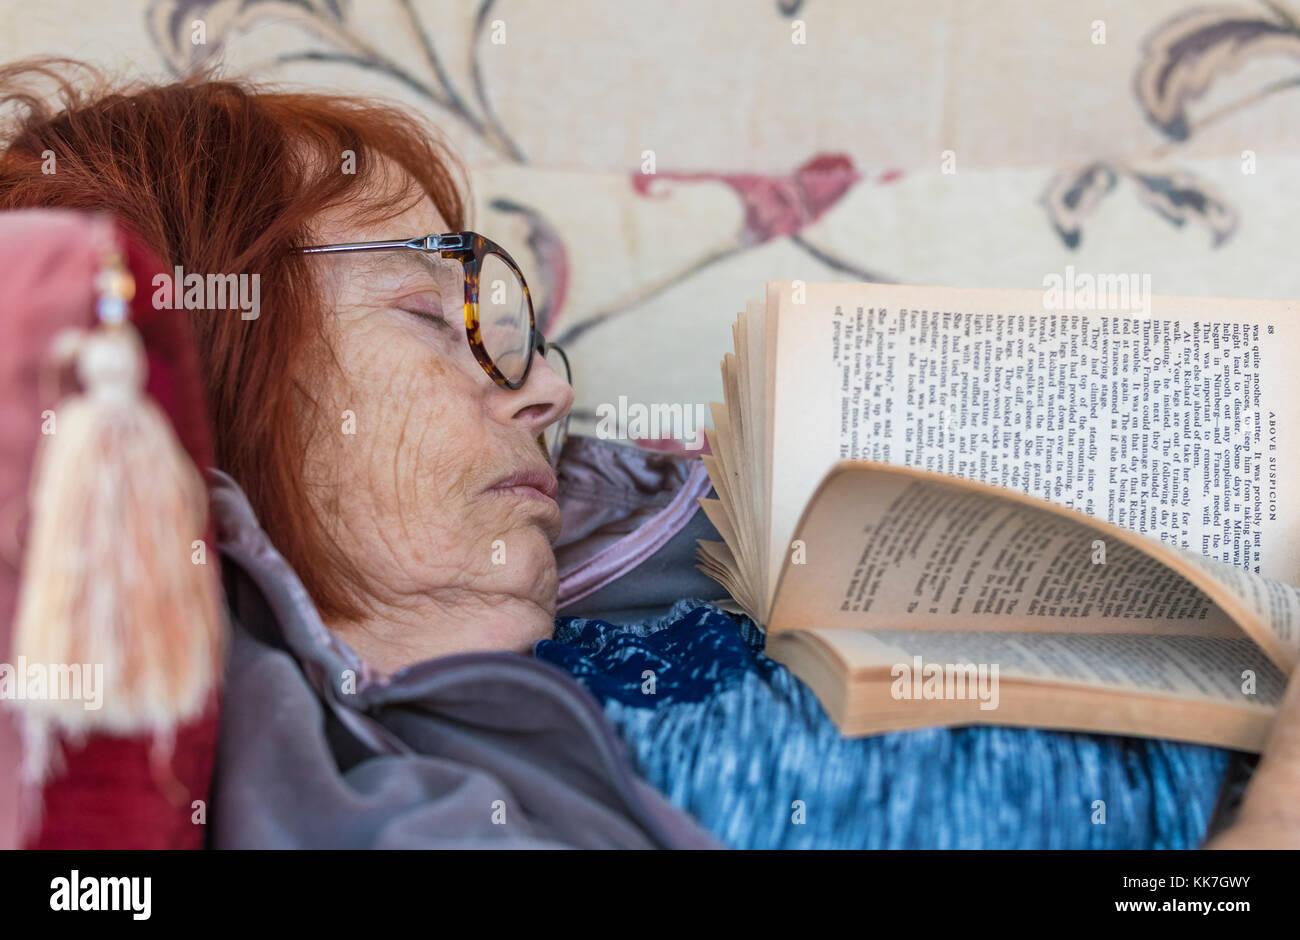 Donna anziana addormentato mentre posa su un divano a leggere un libro. Immagini Stock